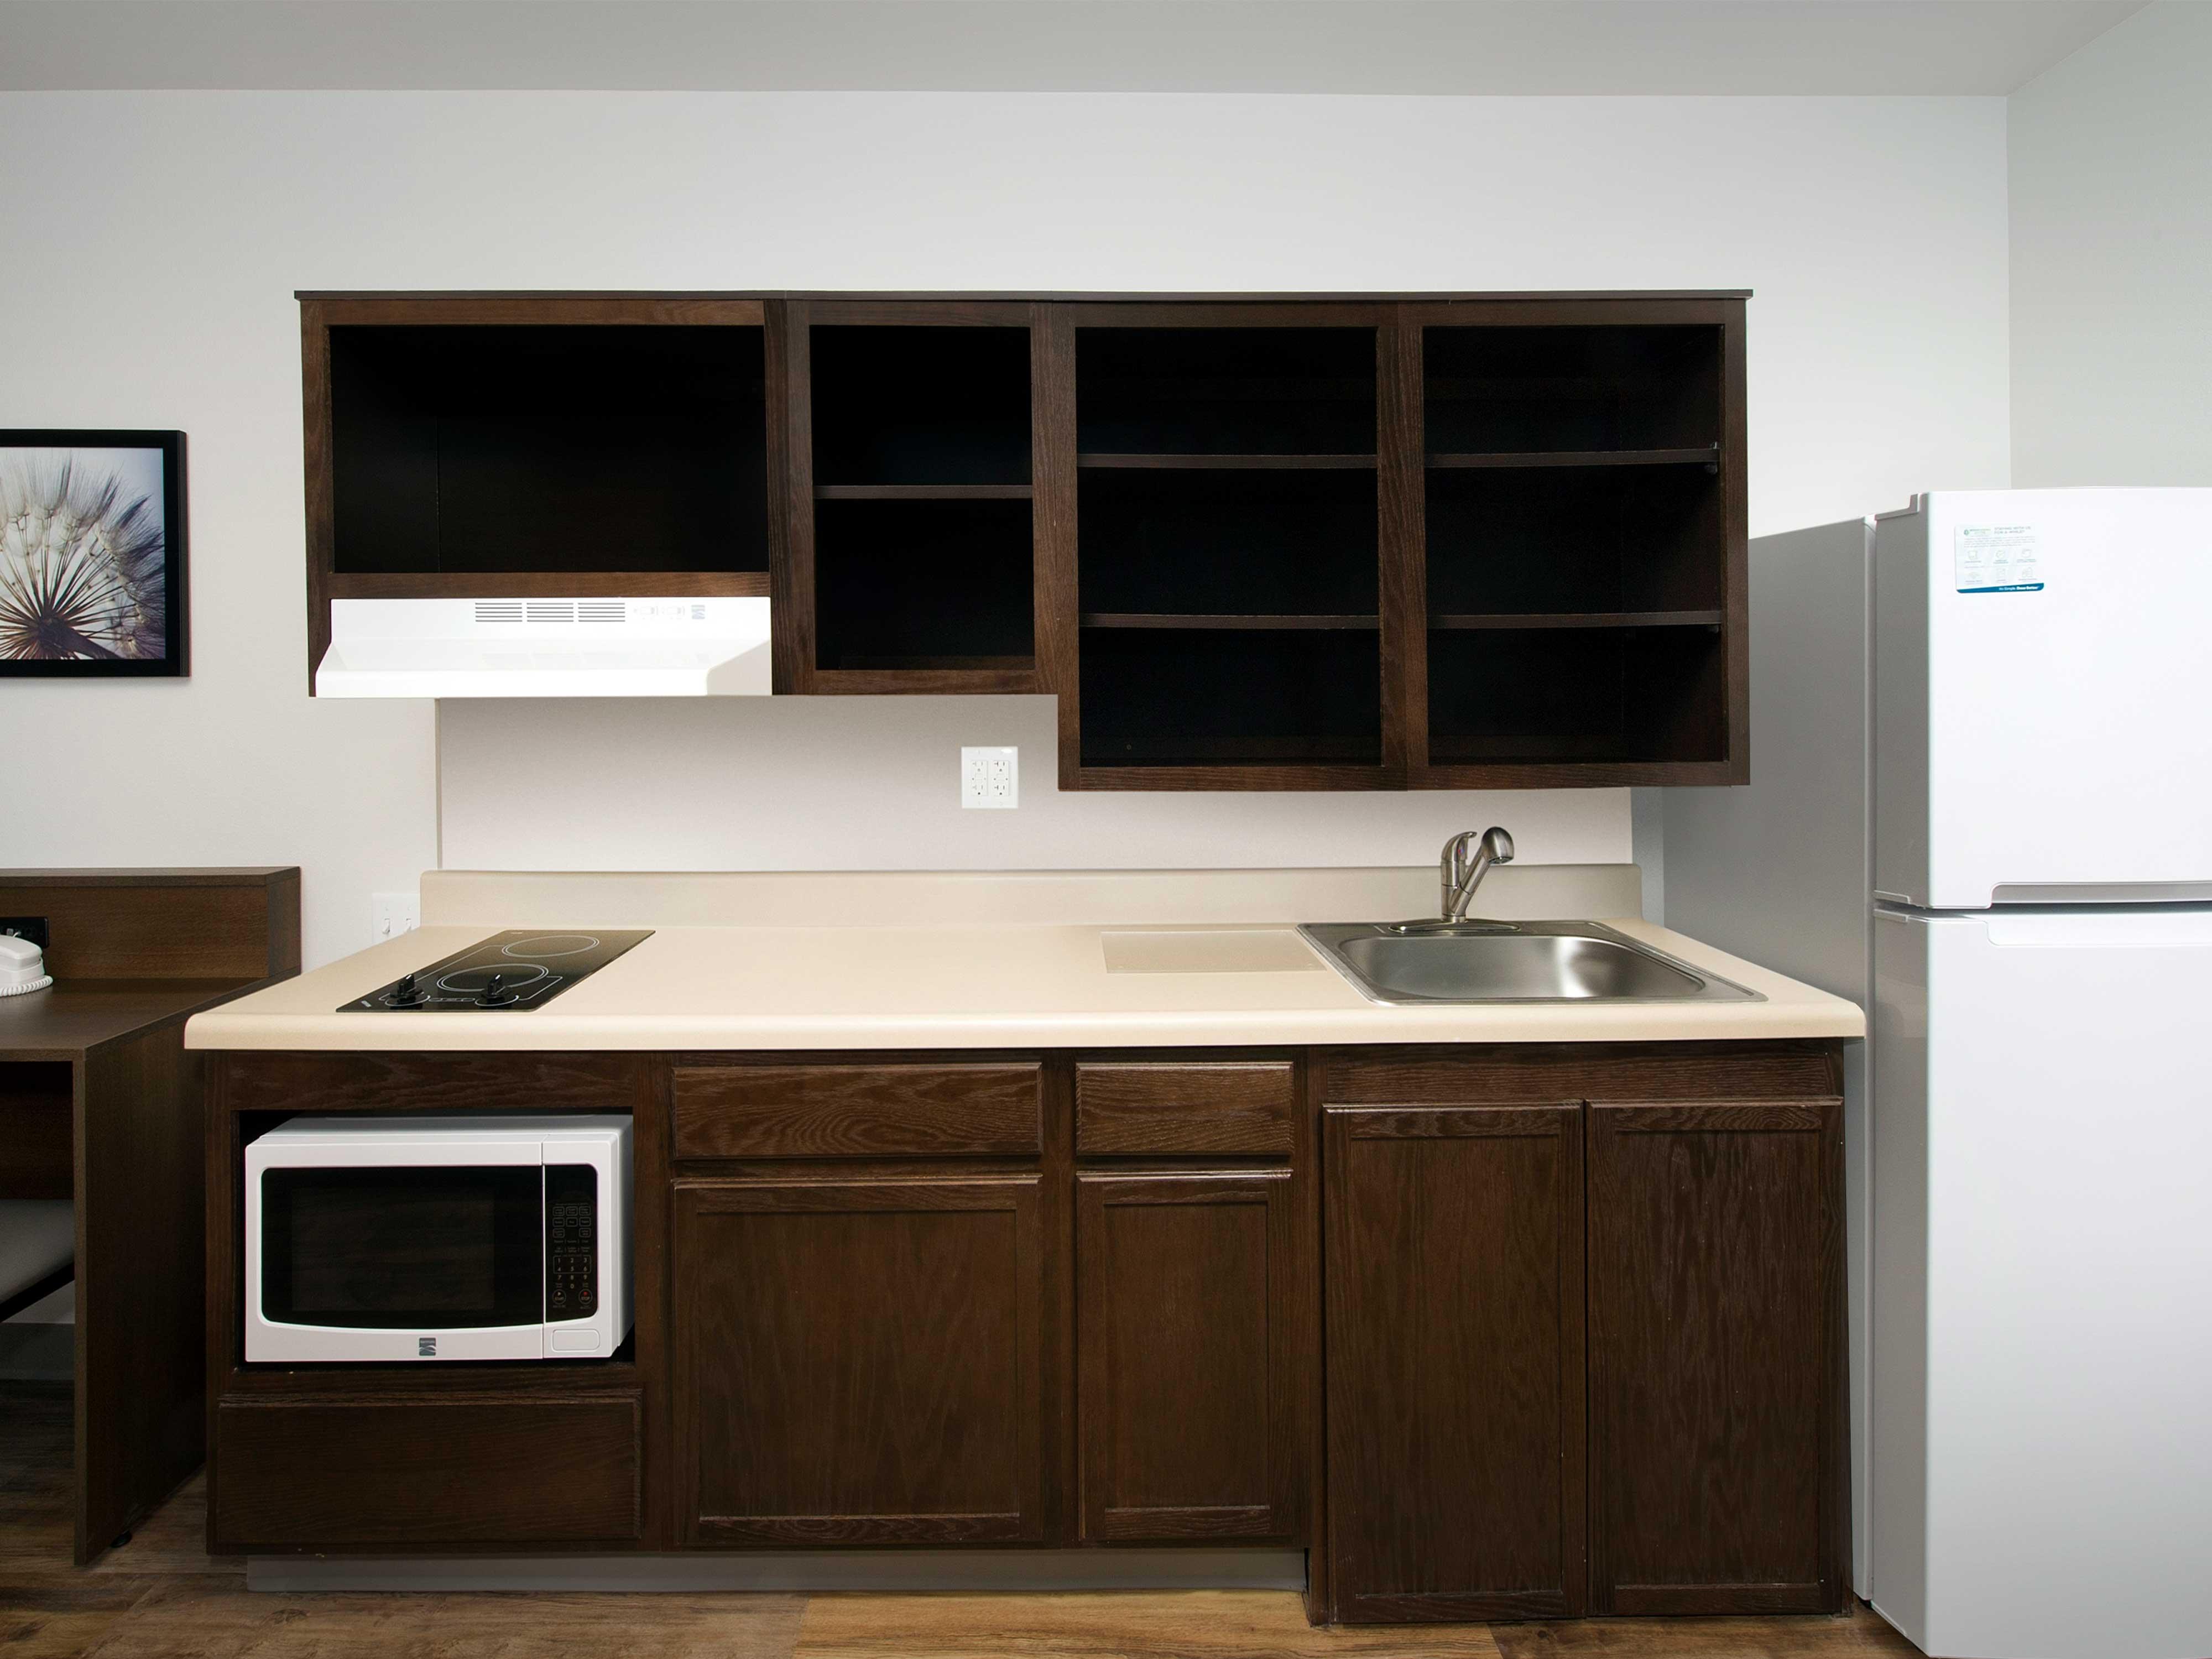 WoodSpring Suites Denver Centennial image 27